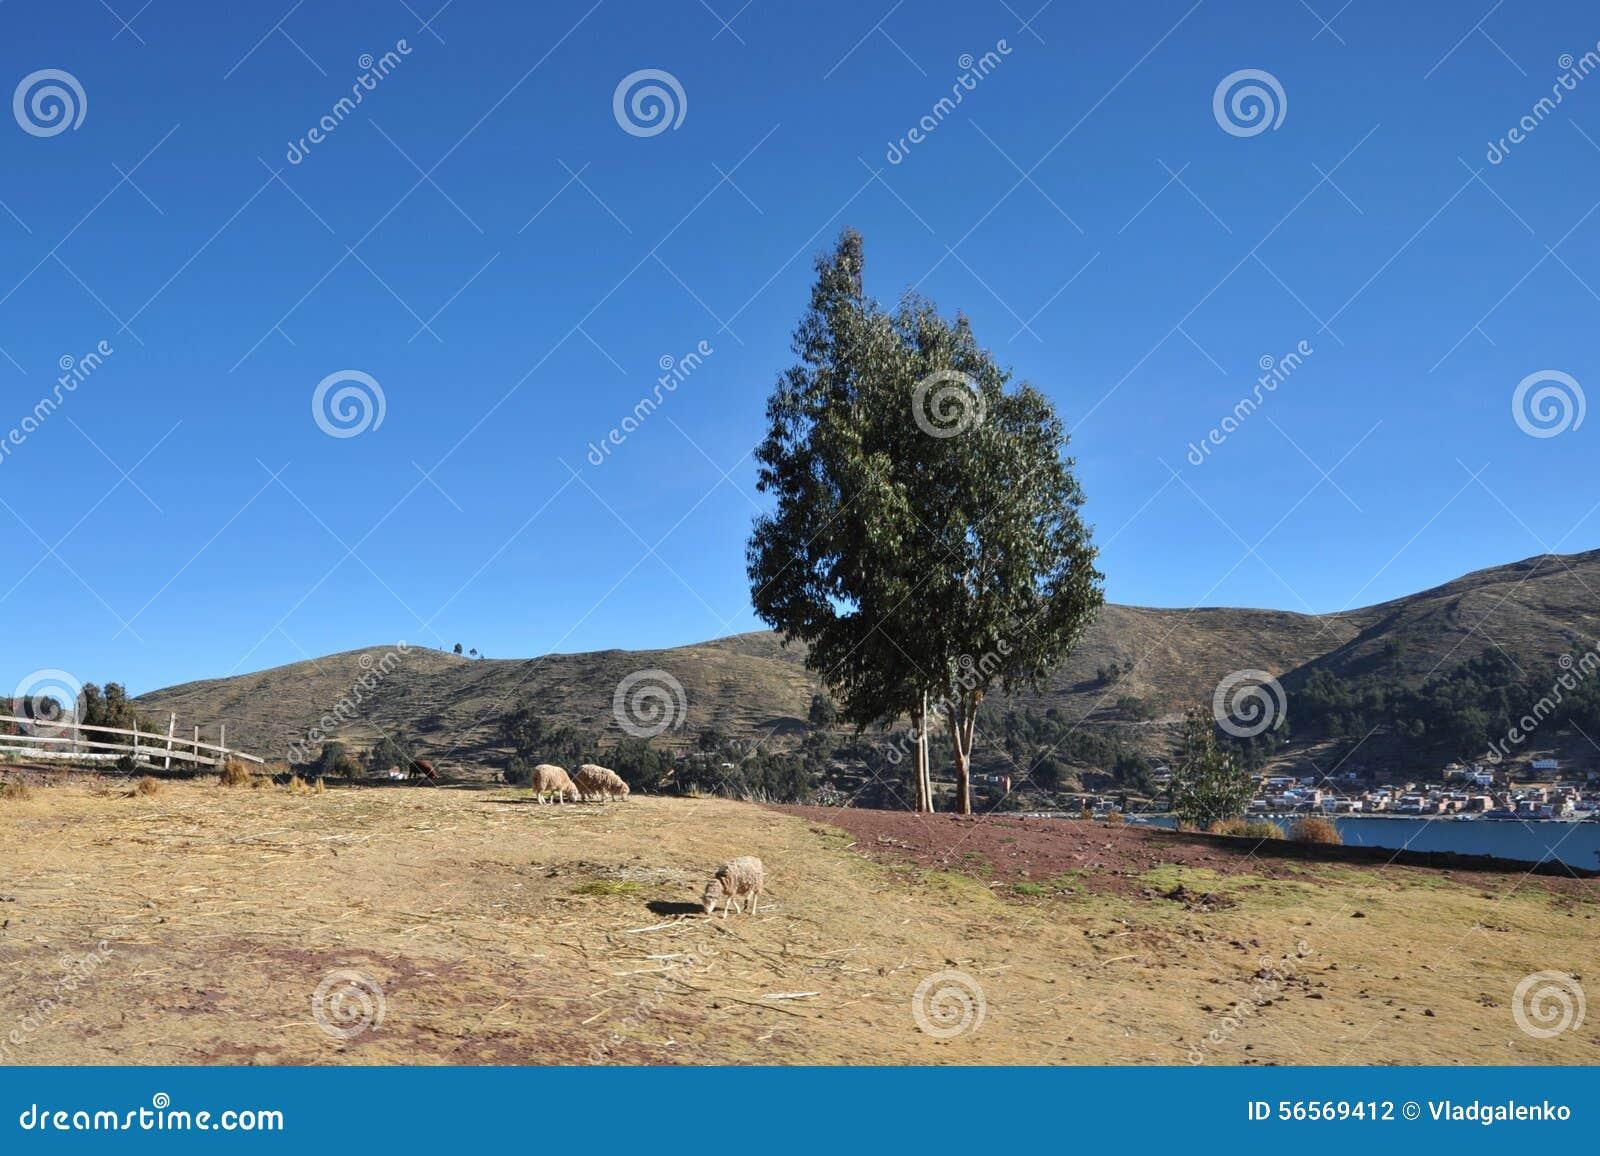 Download Βολιβιανό χωριό στις ακτές της λίμνης Titicaca Στοκ Εικόνες - εικόνα από ακτές, χωριό: 56569412